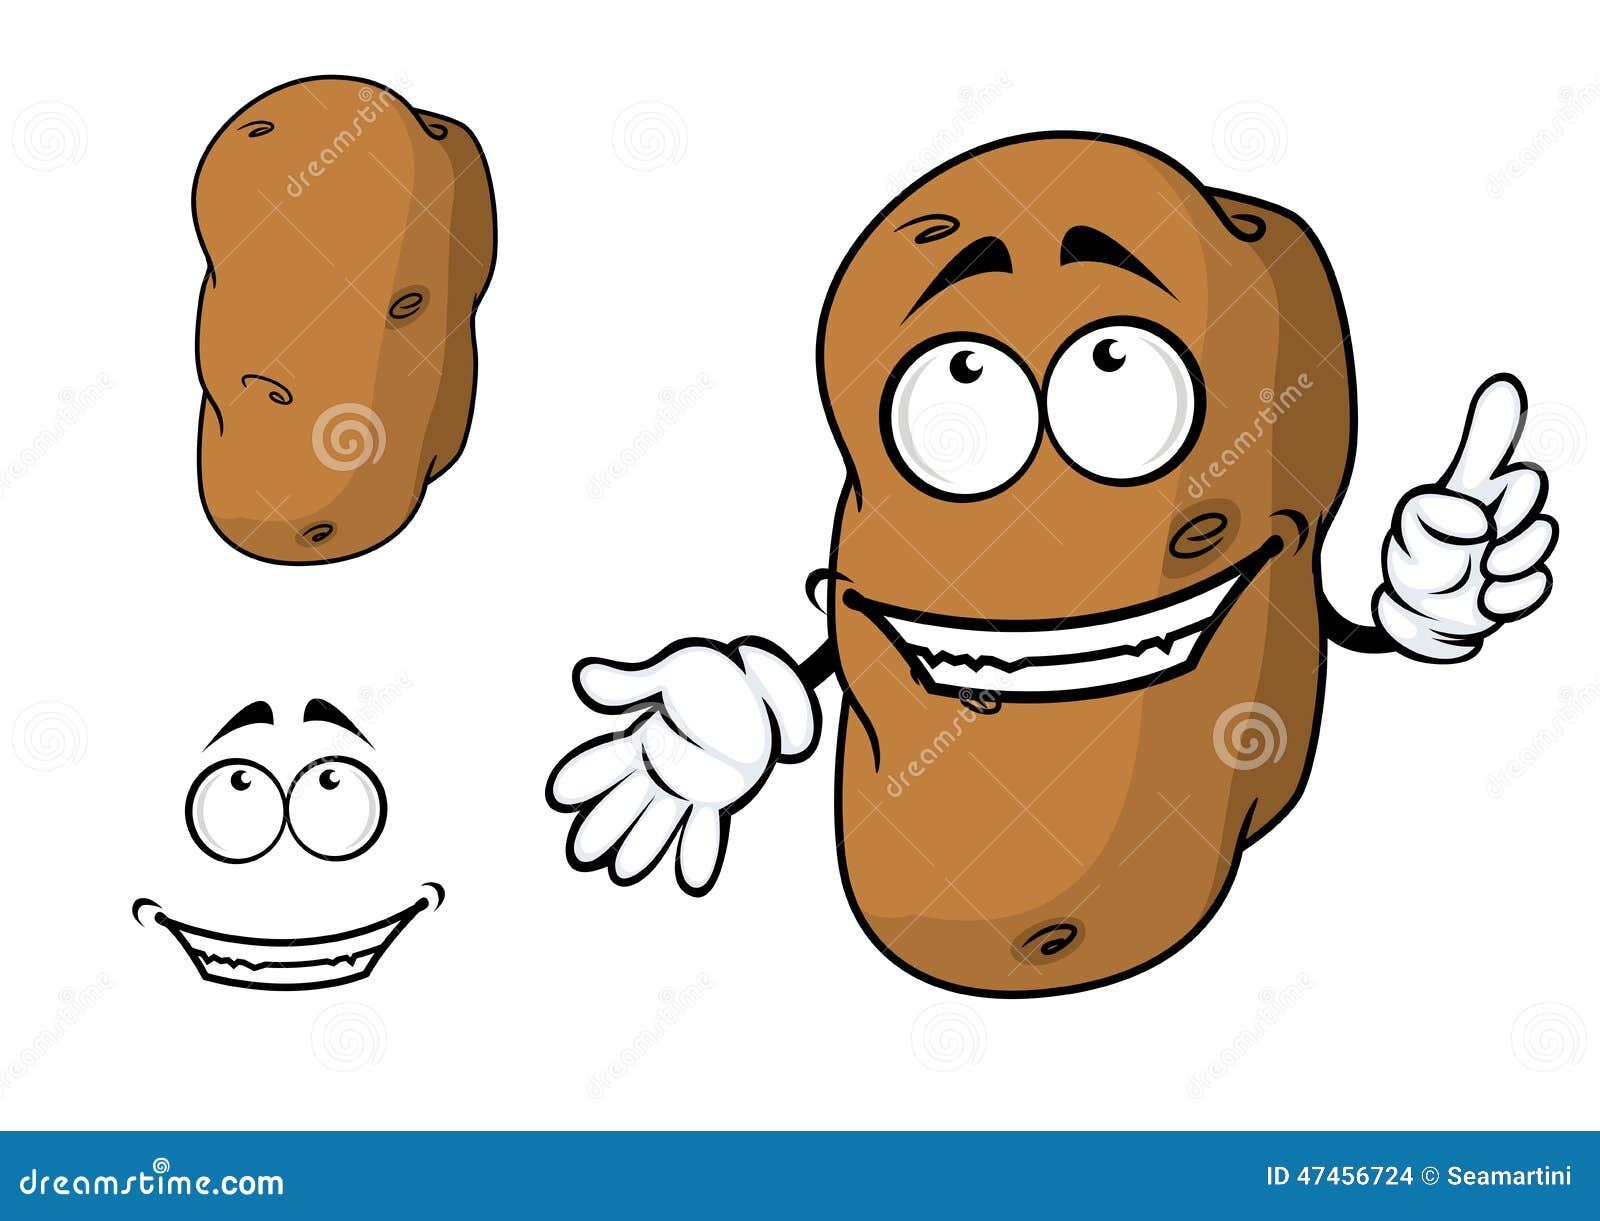 Cartoon Characters 3 Fingers : Happy goofy cartoon potato character stock vector image